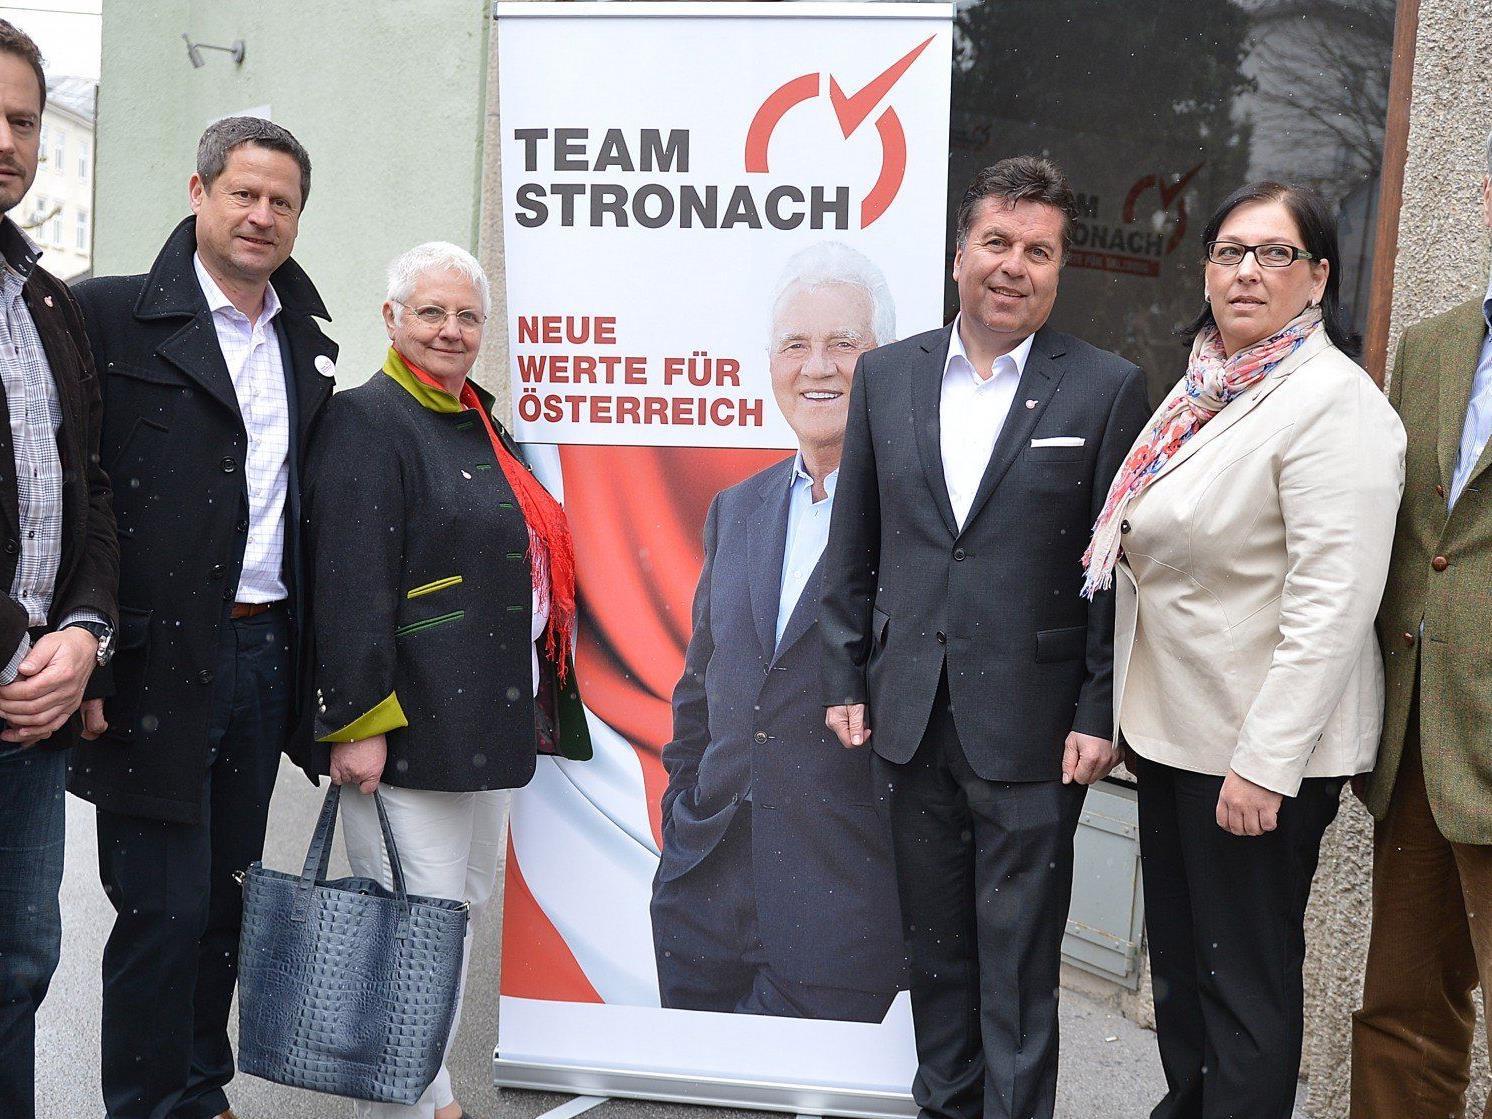 Das Team Stronach hat große Ziele bei der Landtagswahl in Salzburg.